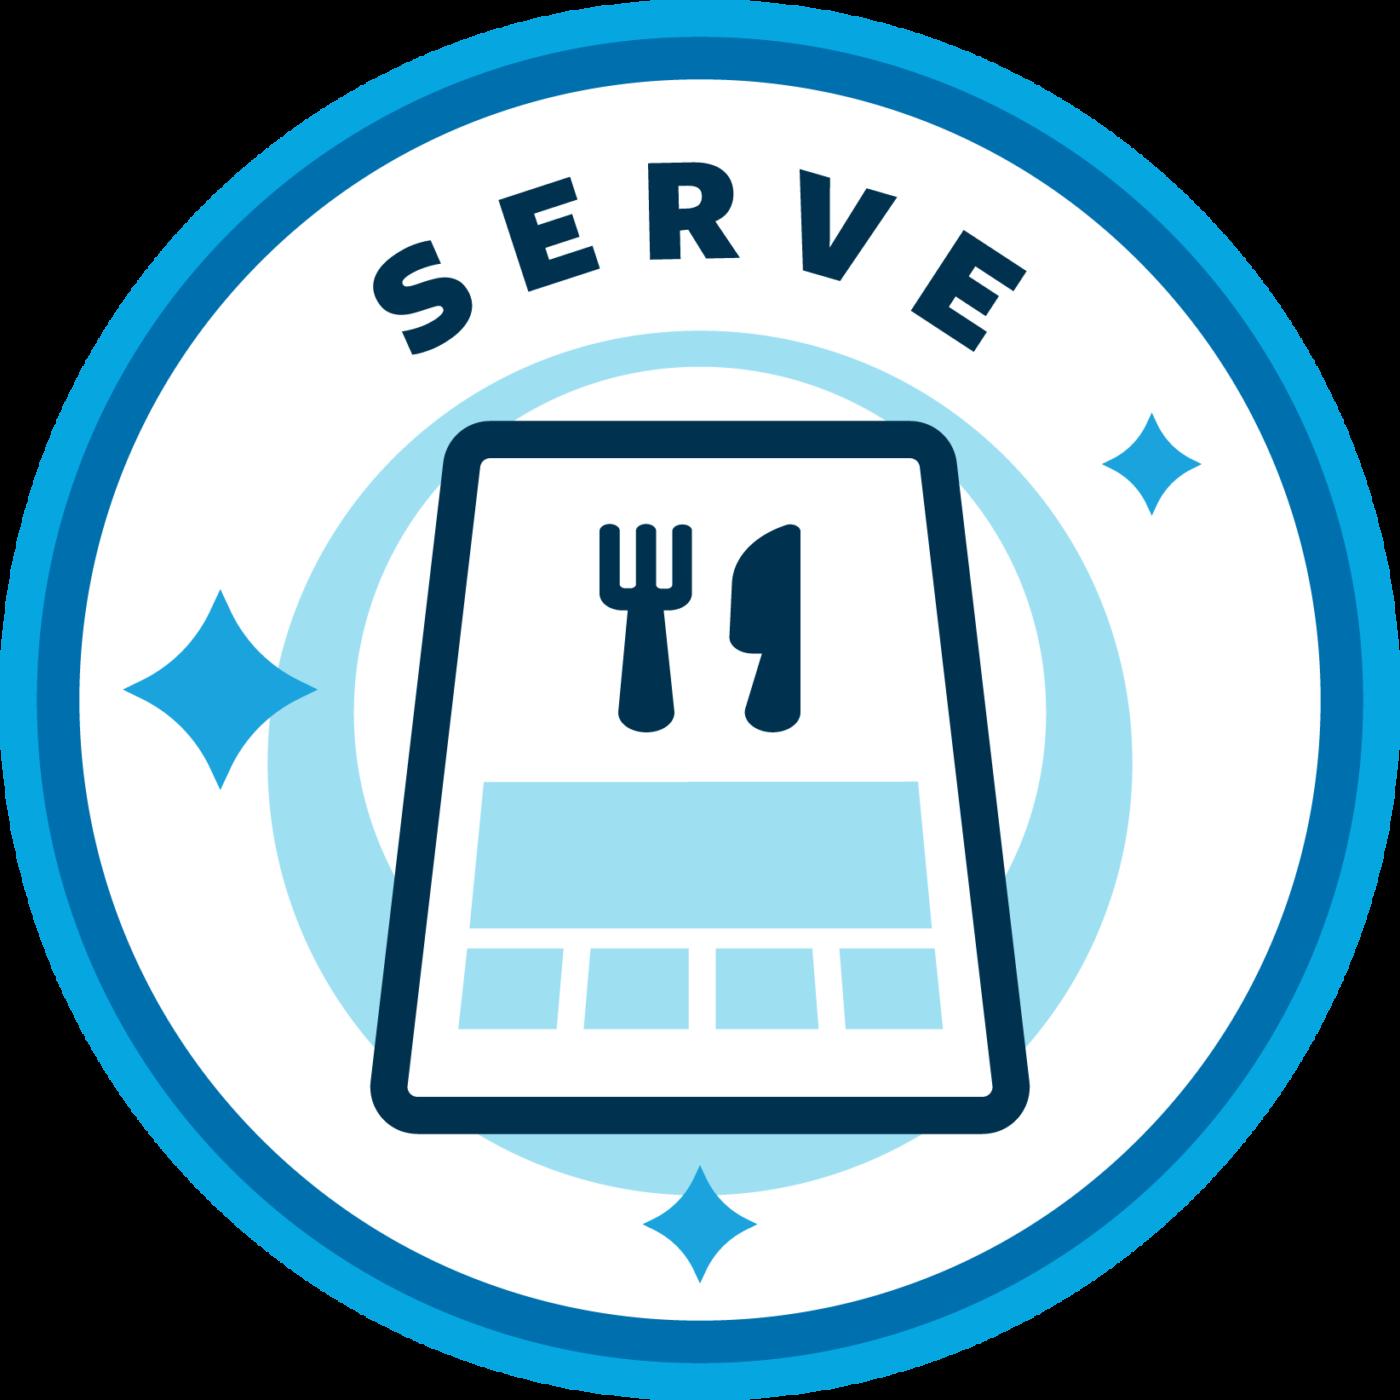 Serve White 1 2x 1